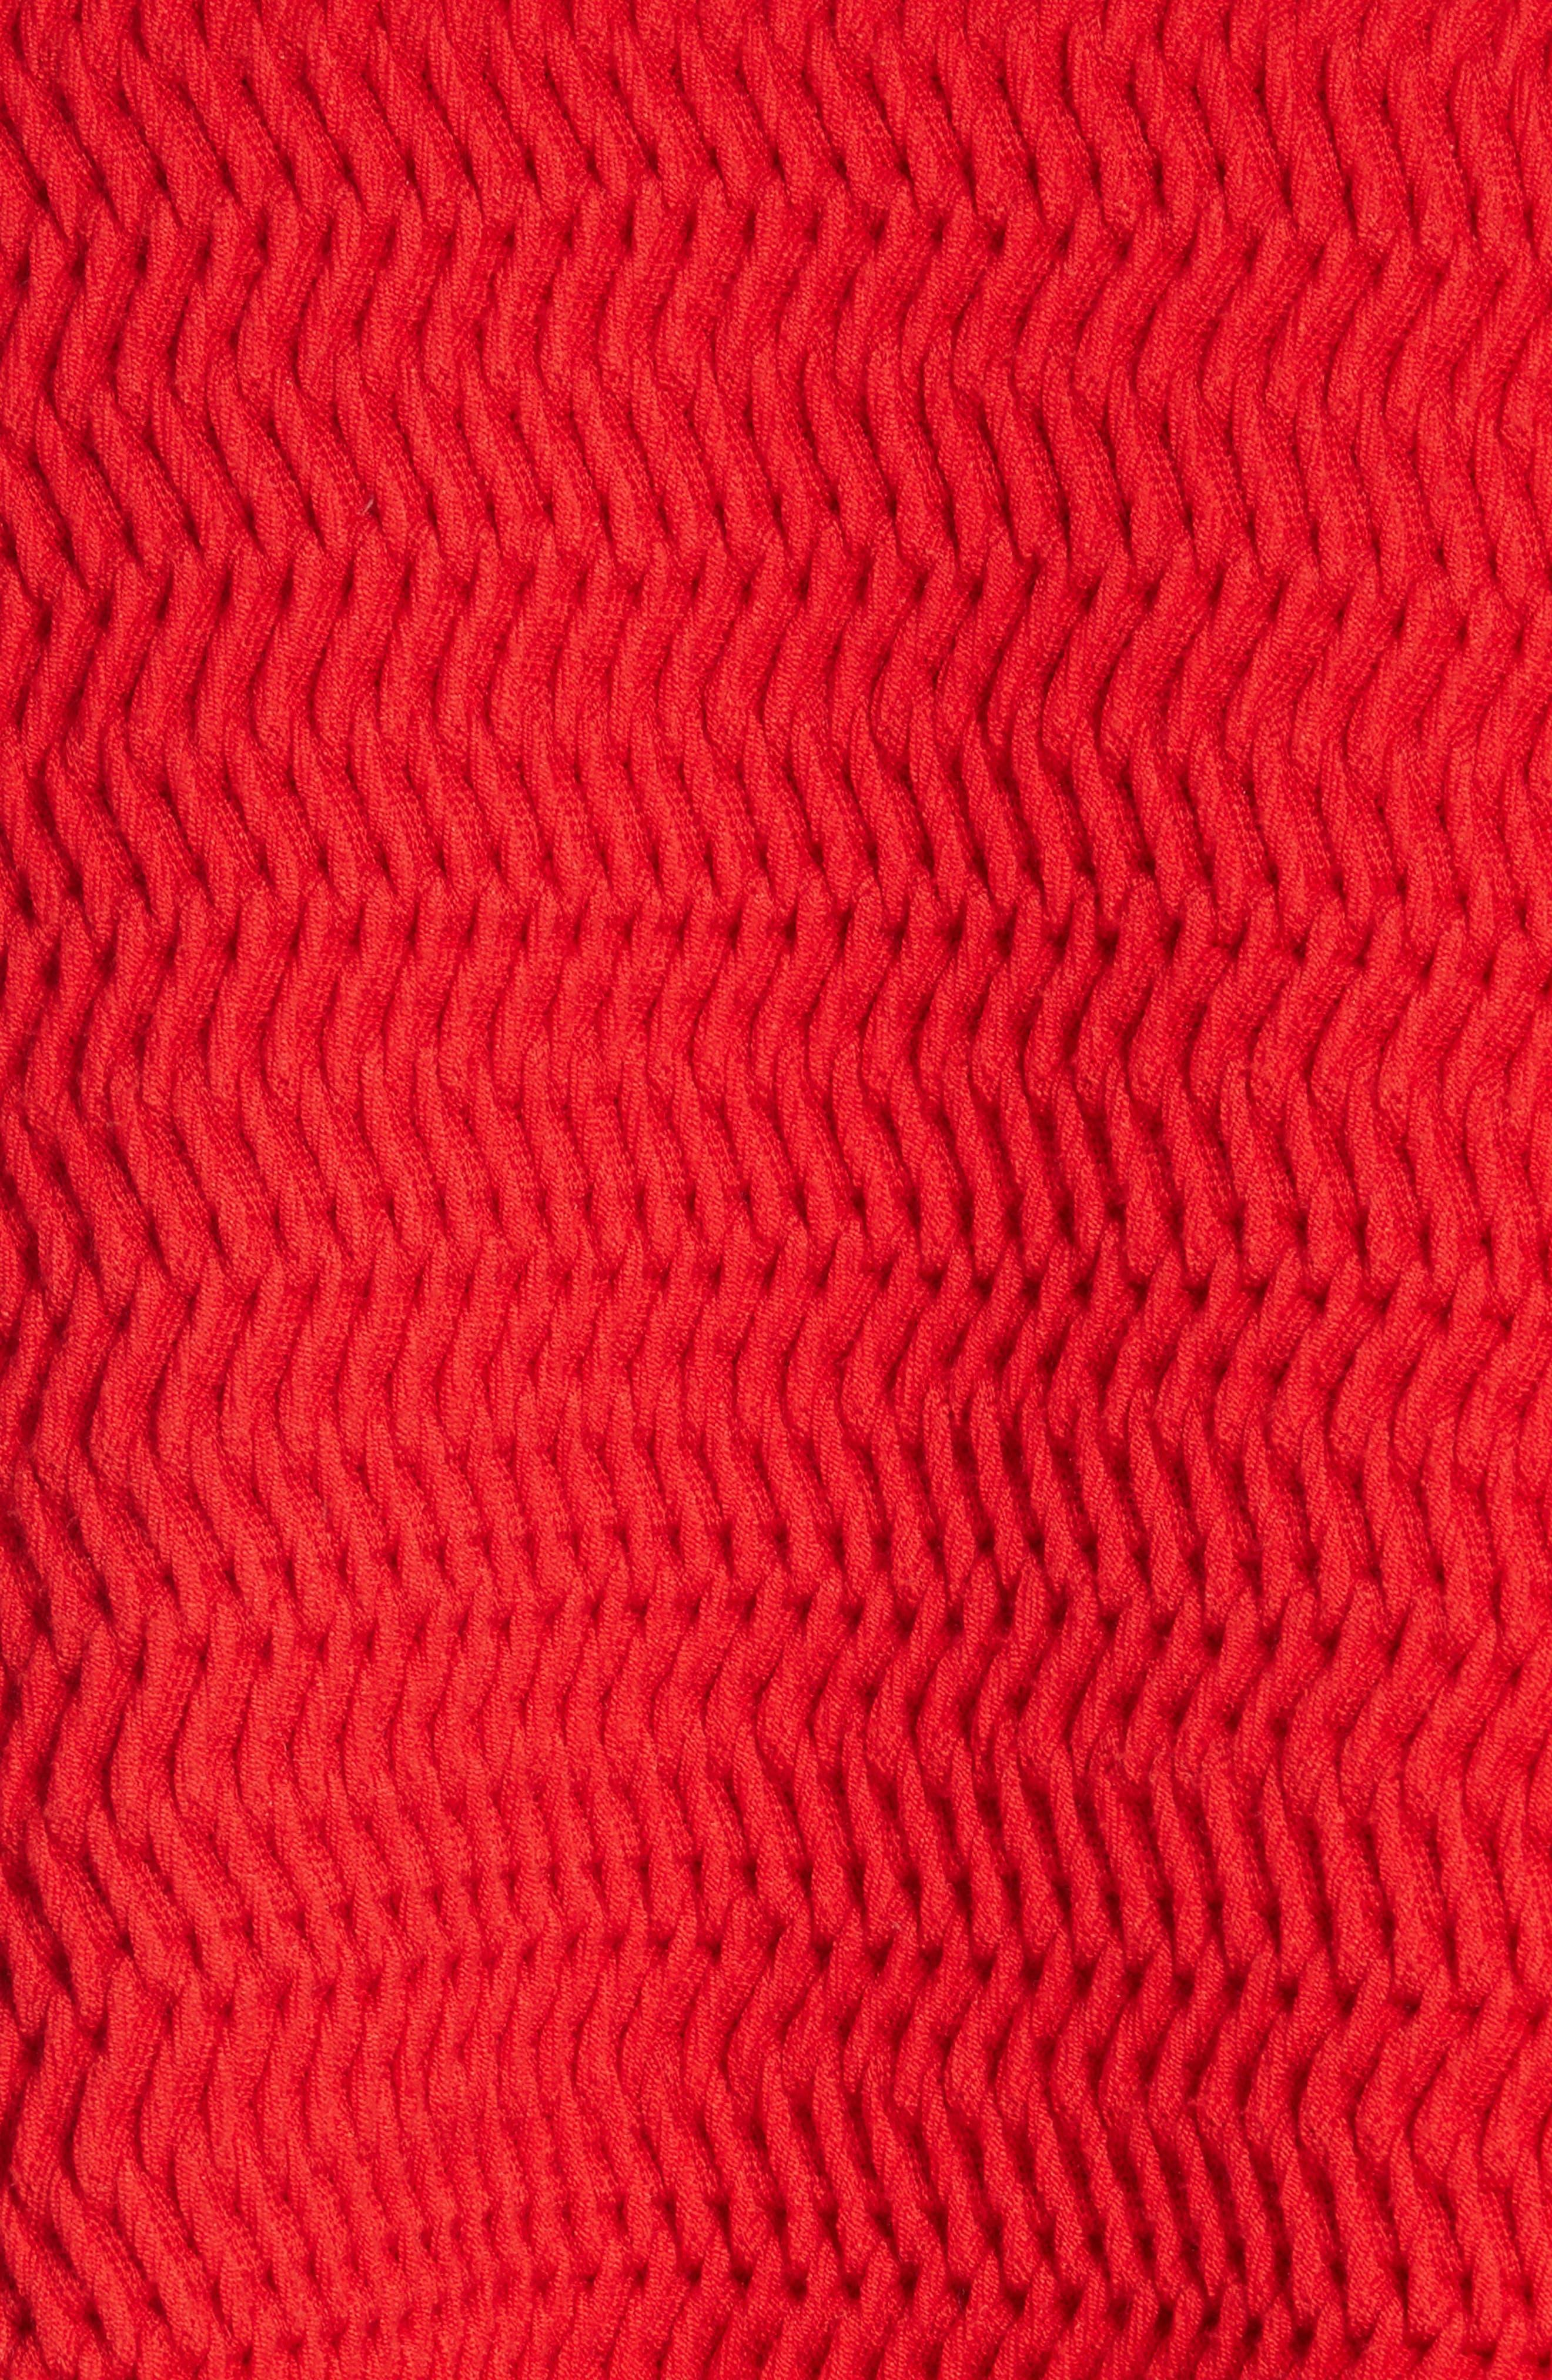 Faux Plait Silk Blend Crop Sweater,                             Alternate thumbnail 5, color,                             620